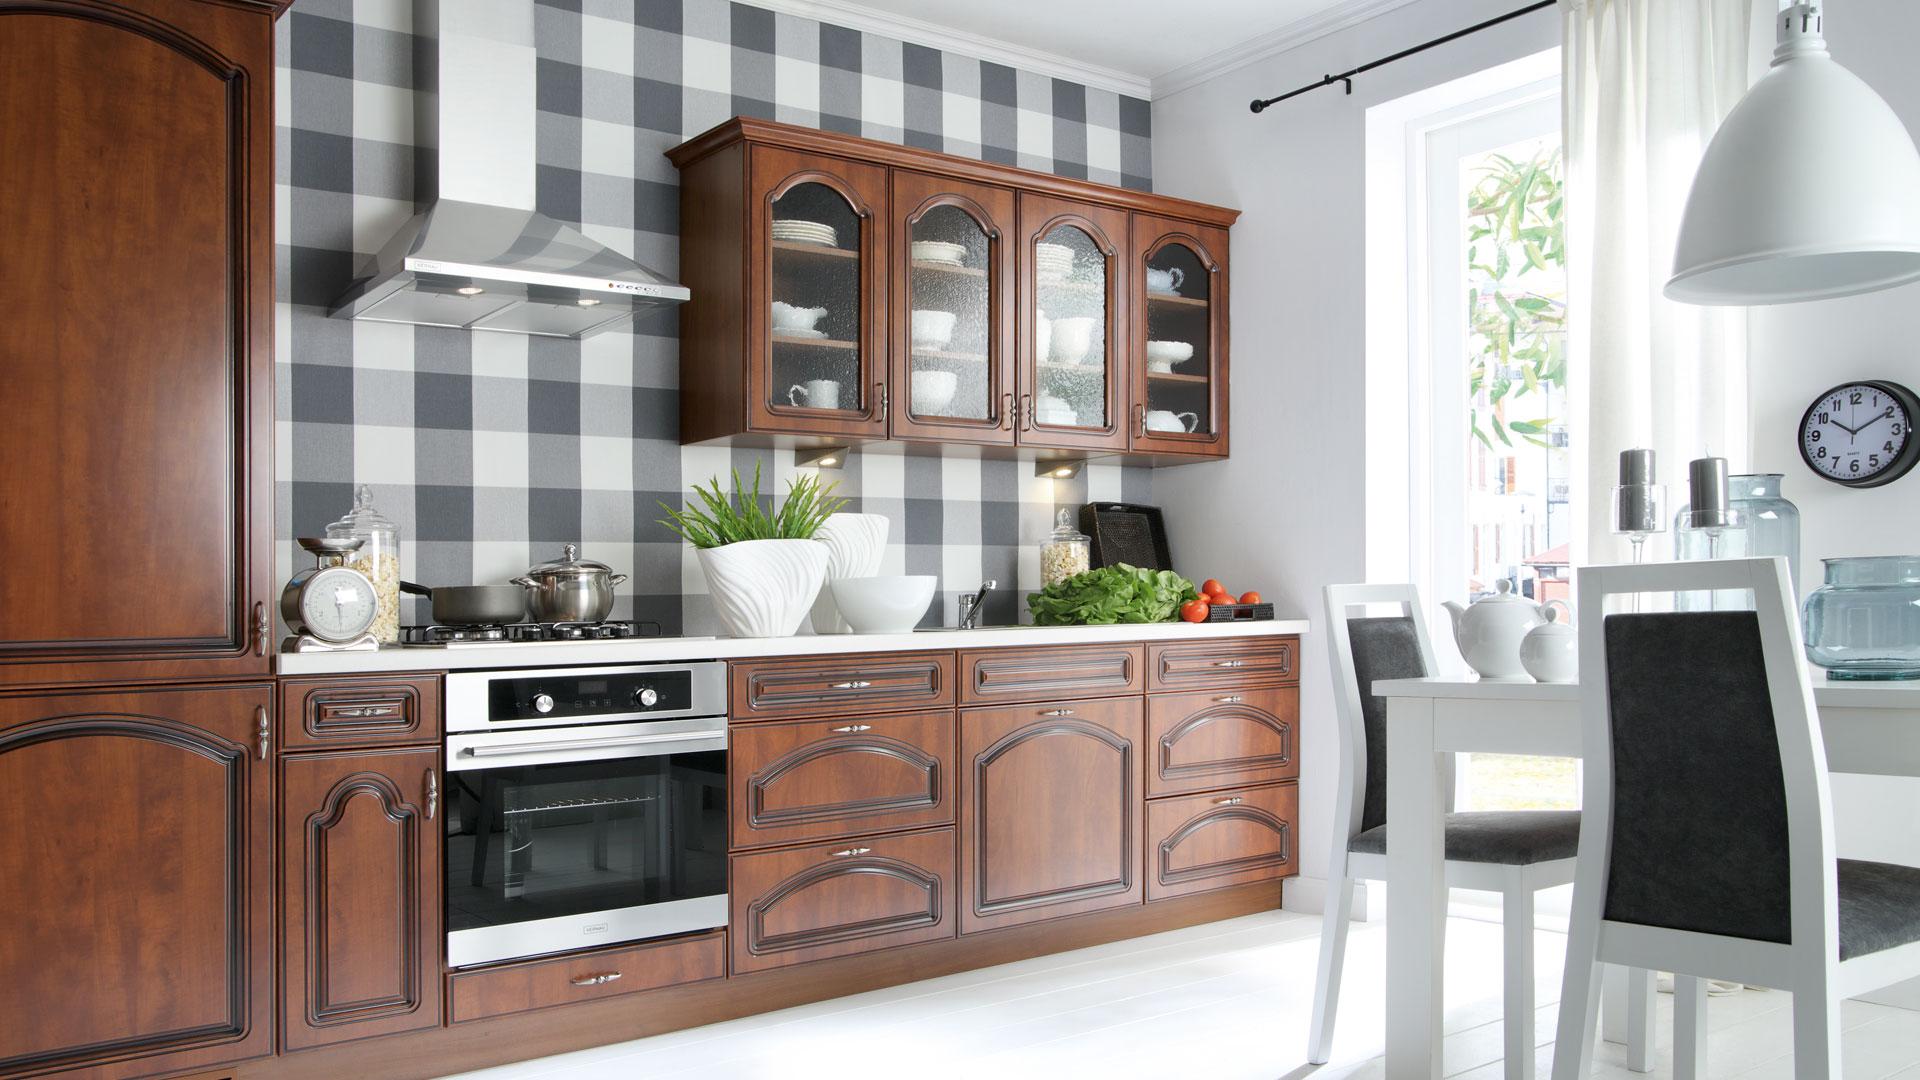 Brw Family Line Modułowa Kuchnia W Klasycznej Estetyce